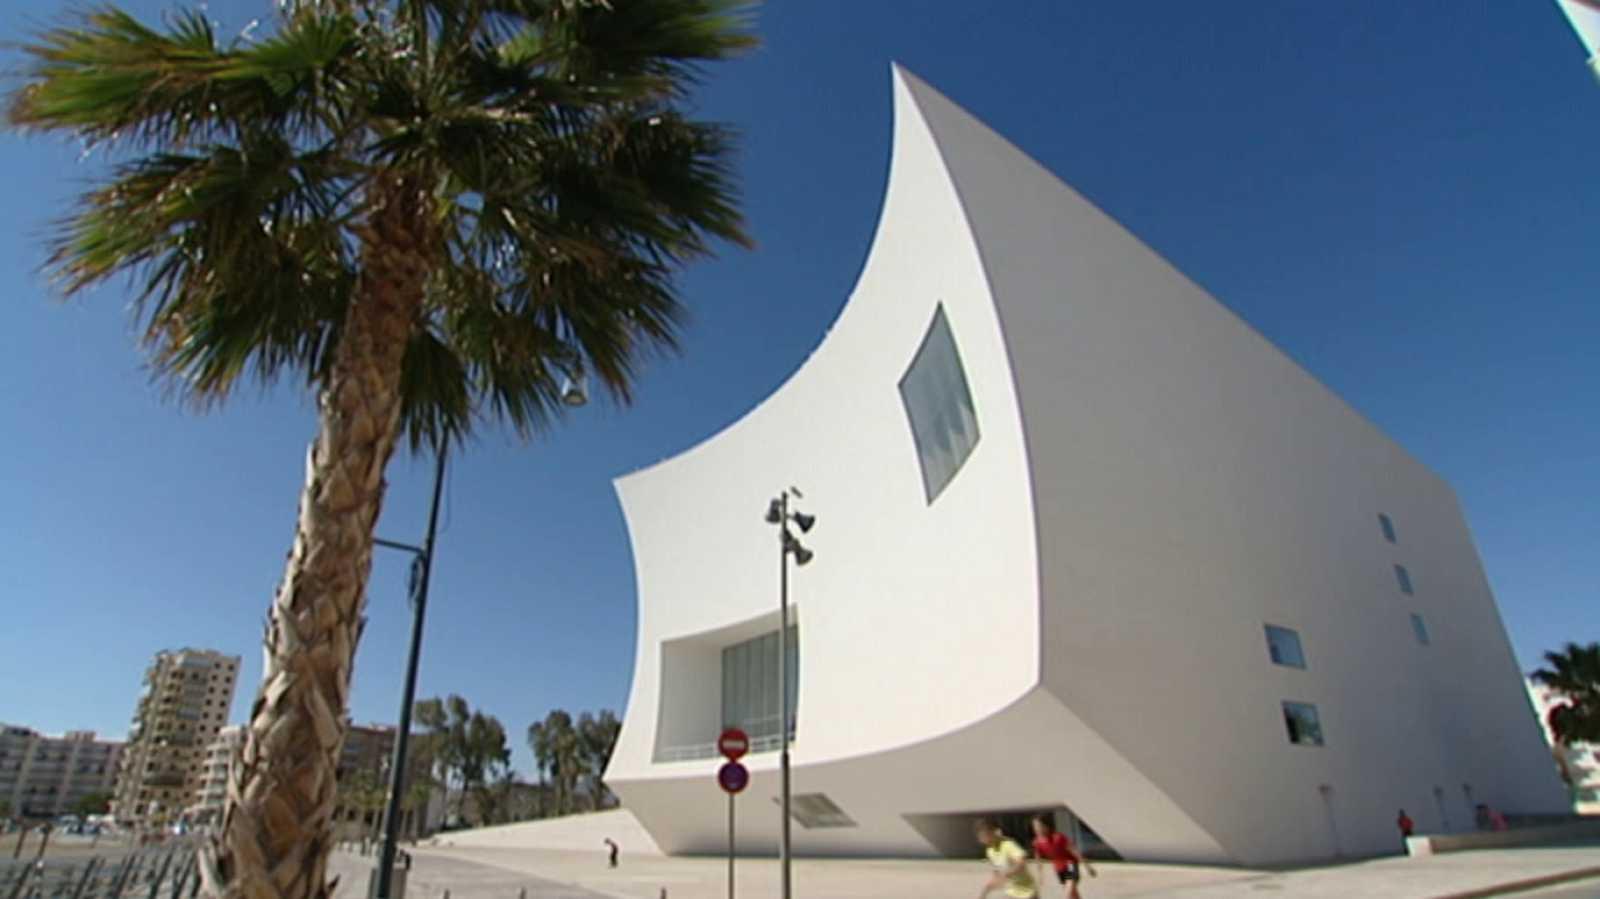 Edificios - Escena mediterránea - ver ahora